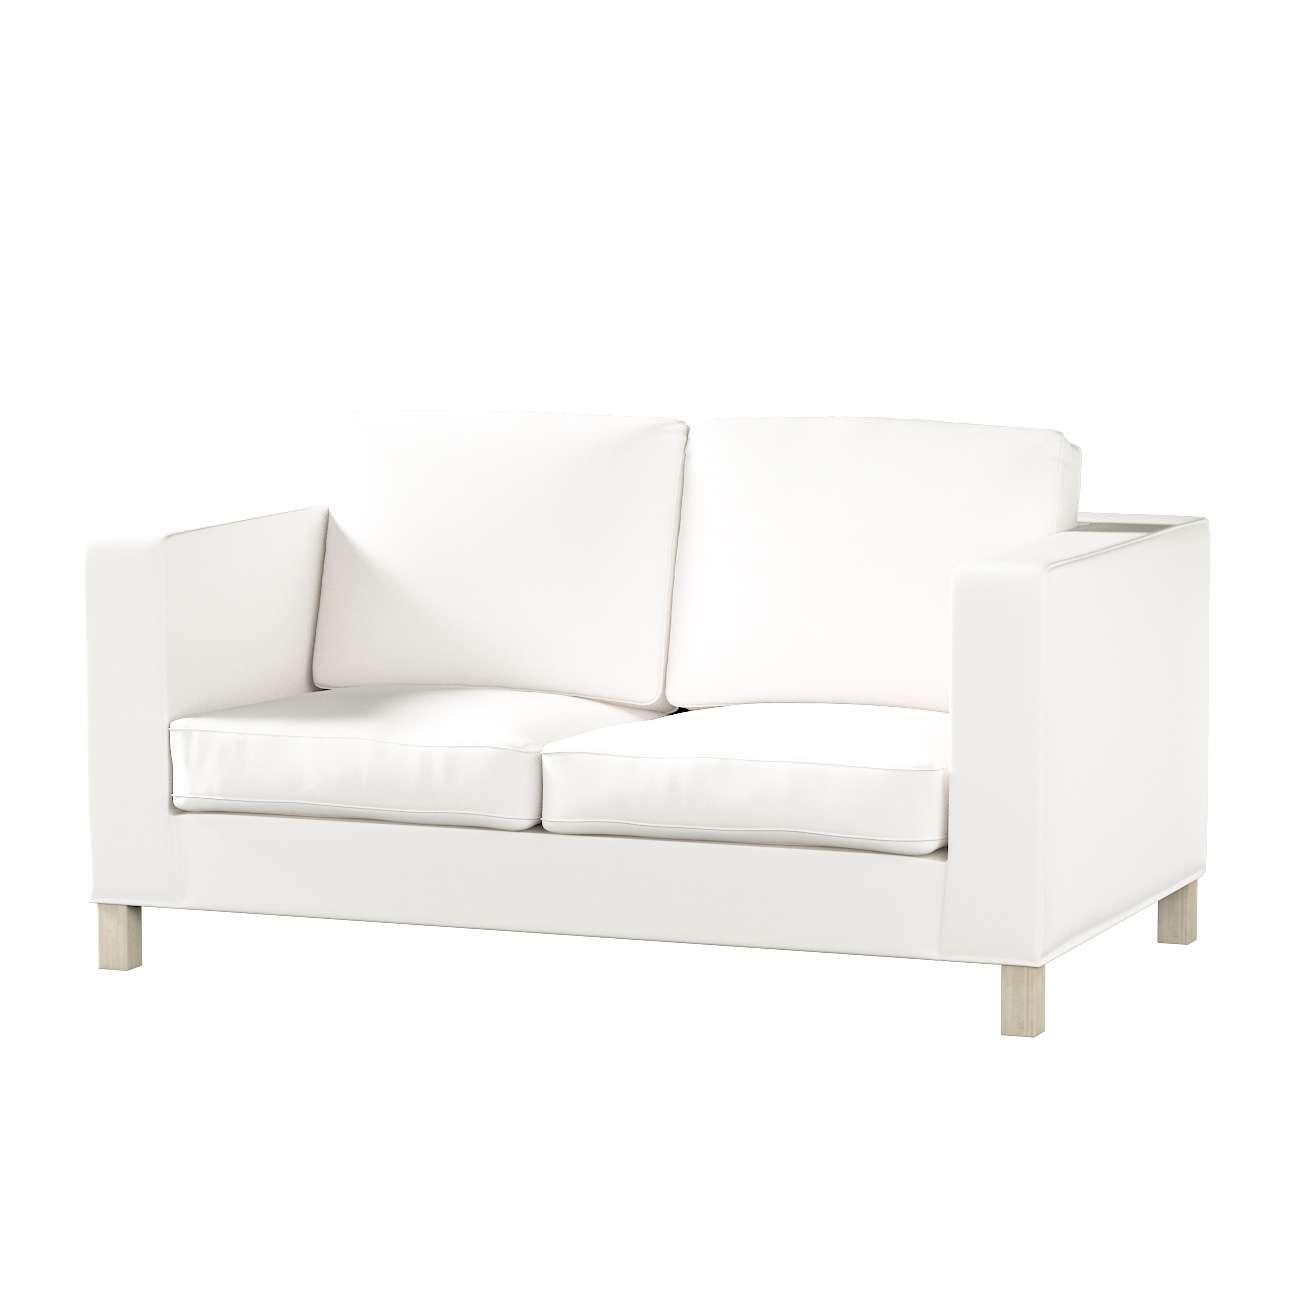 Pokrowiec na sofę Karlanda 2-osobową nierozkładaną, krótki Sofa Karlanda 2-os w kolekcji Cotton Panama, tkanina: 702-34